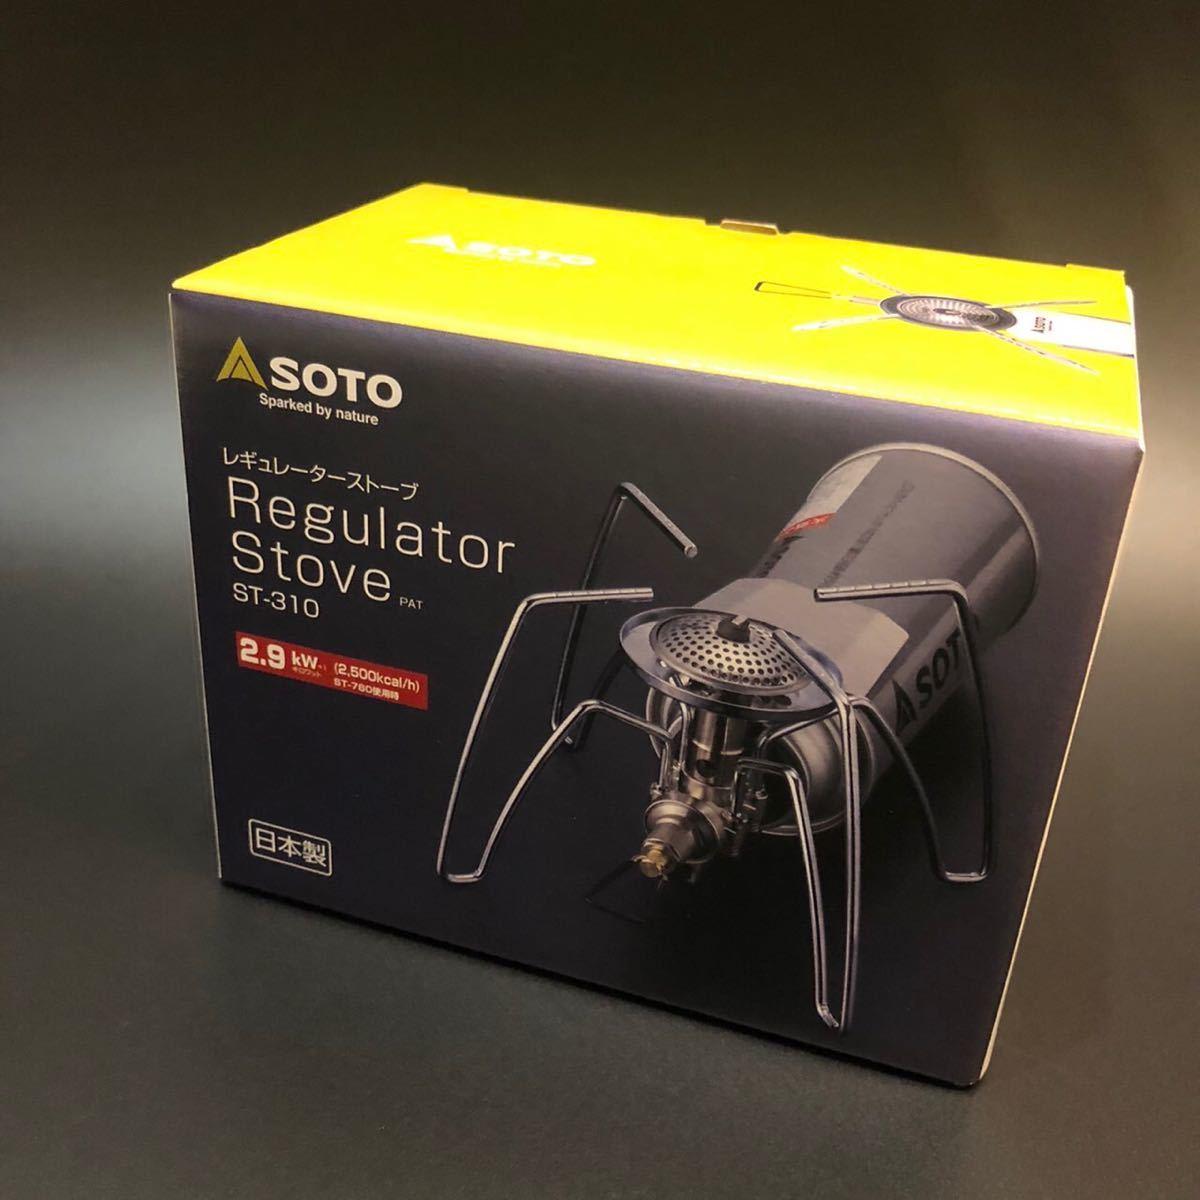 送料無料 SOTO ST-310 バーナーレギュレーターストーブ 即日発送 新富士バーナー シングルバーナー キャンプ用品